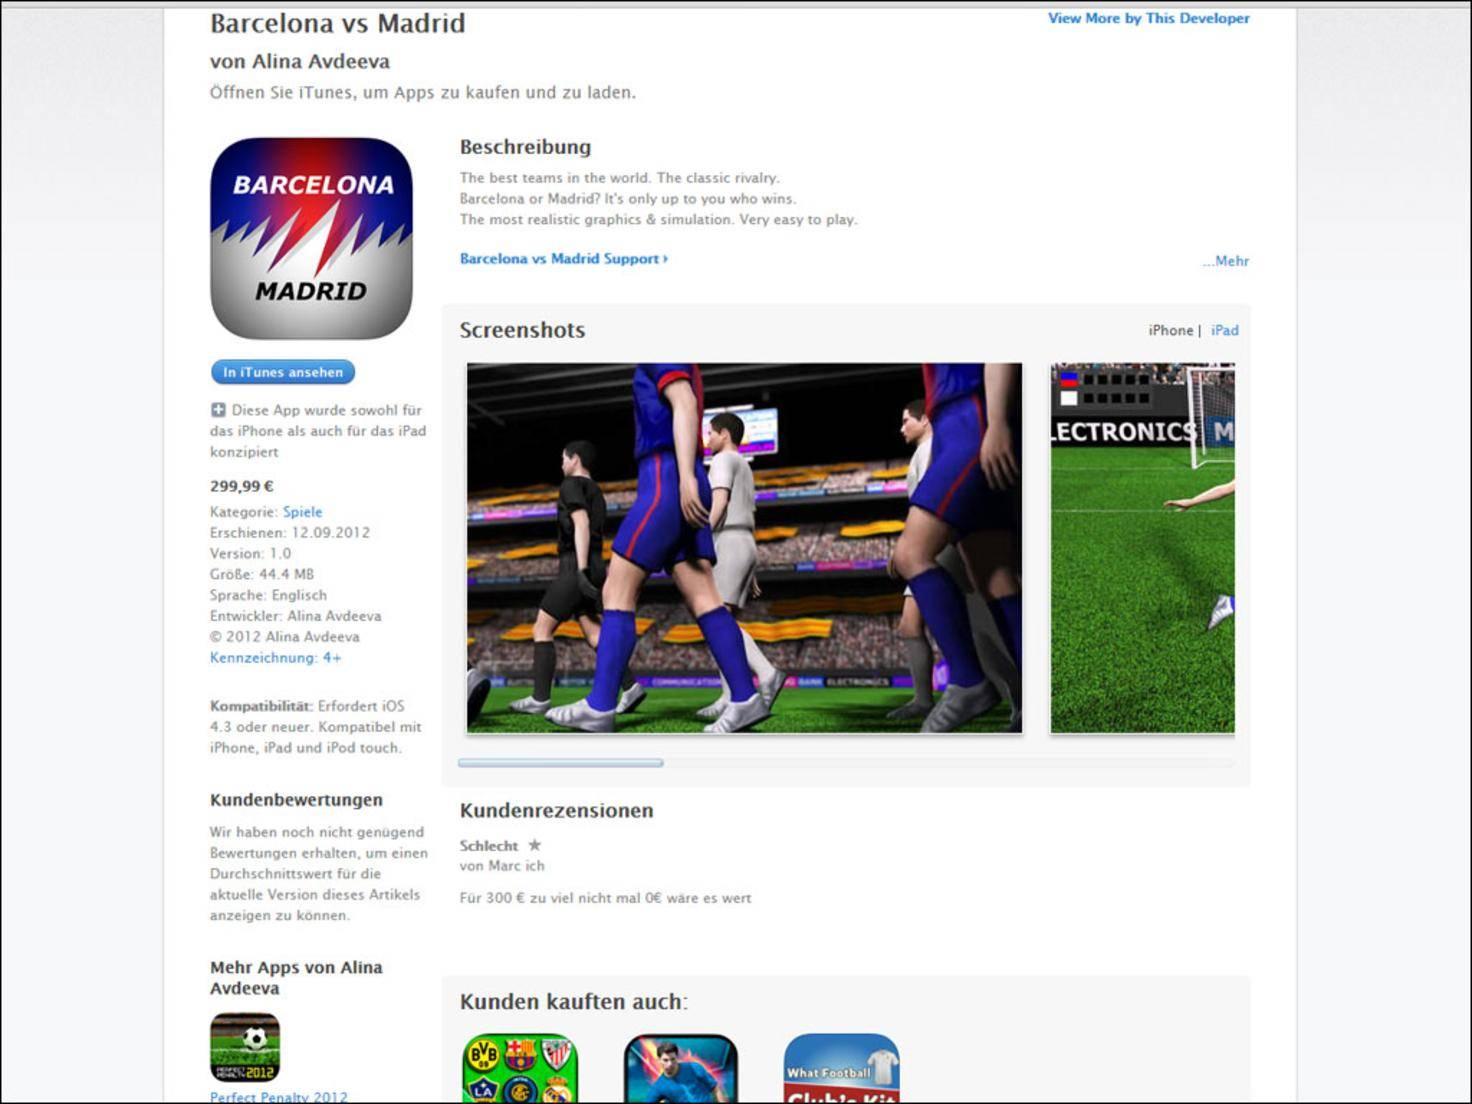 Was ist FIFA – haben sich die Macher der App vermutlich gefragt und eine Fußball-Simulation alleine für die Partie Barcelona-Madrid programmiert.